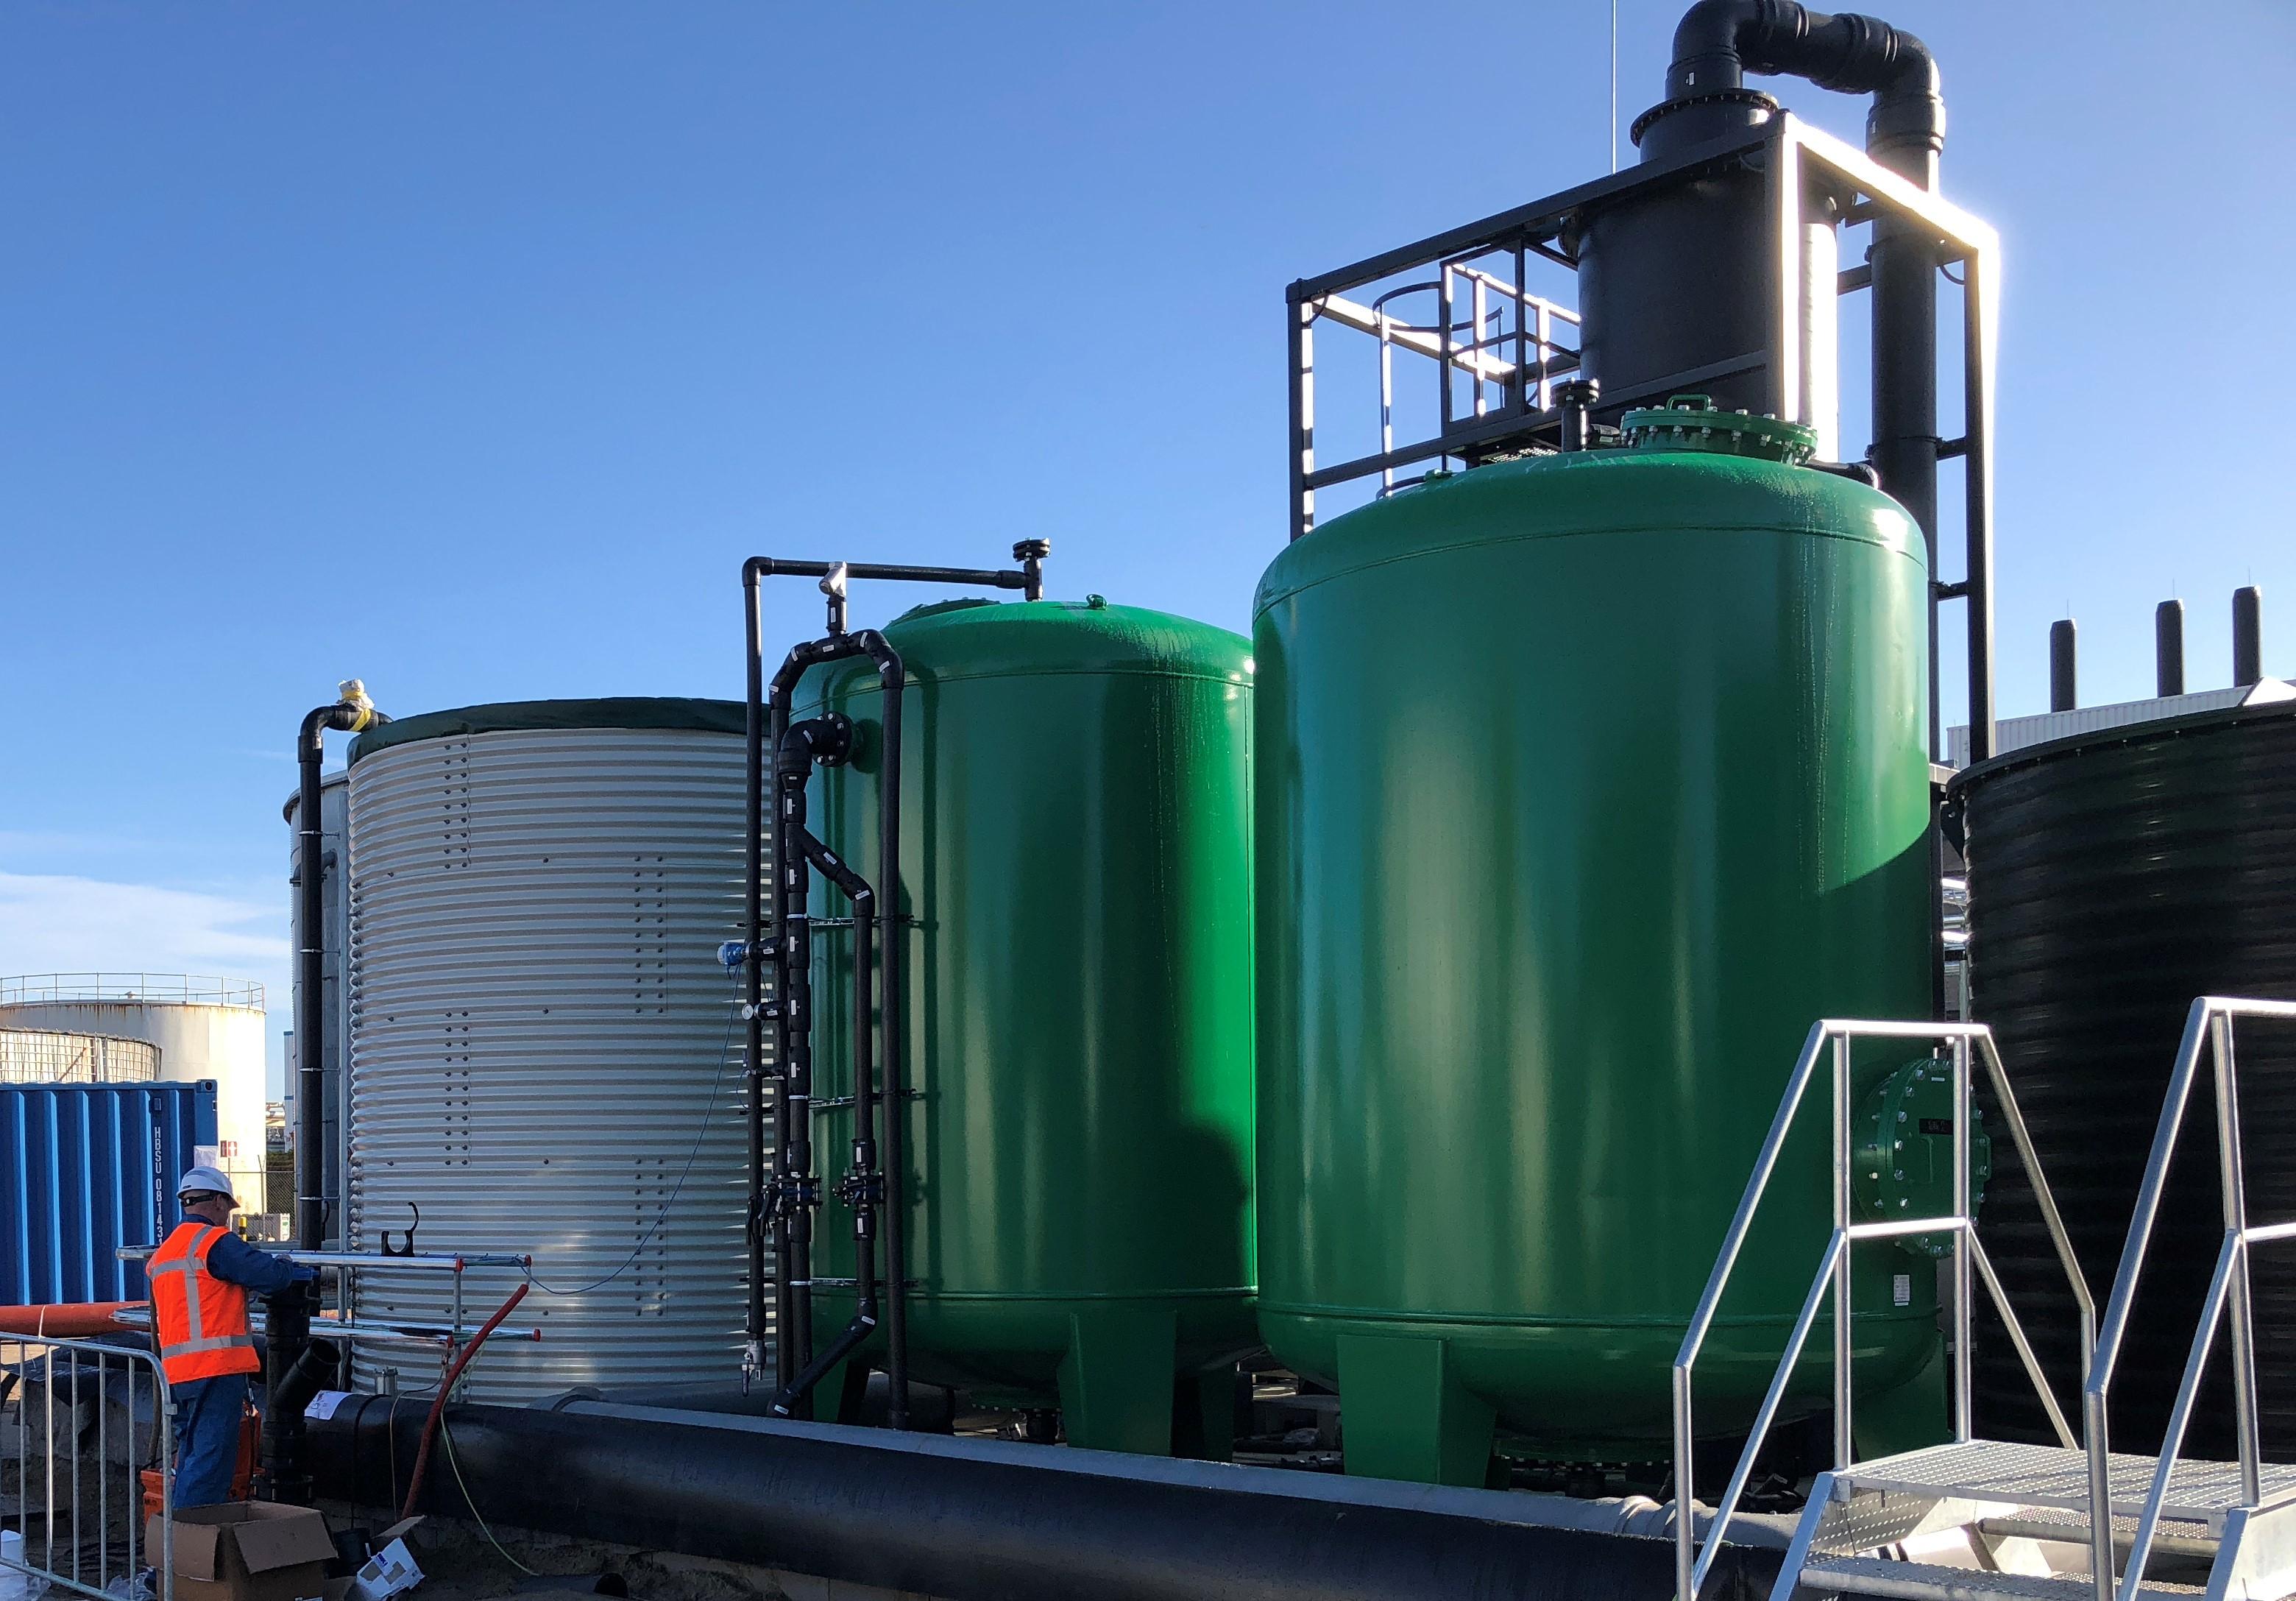 Grondwaterzuiveringsinstallatie Zuid-Nederland